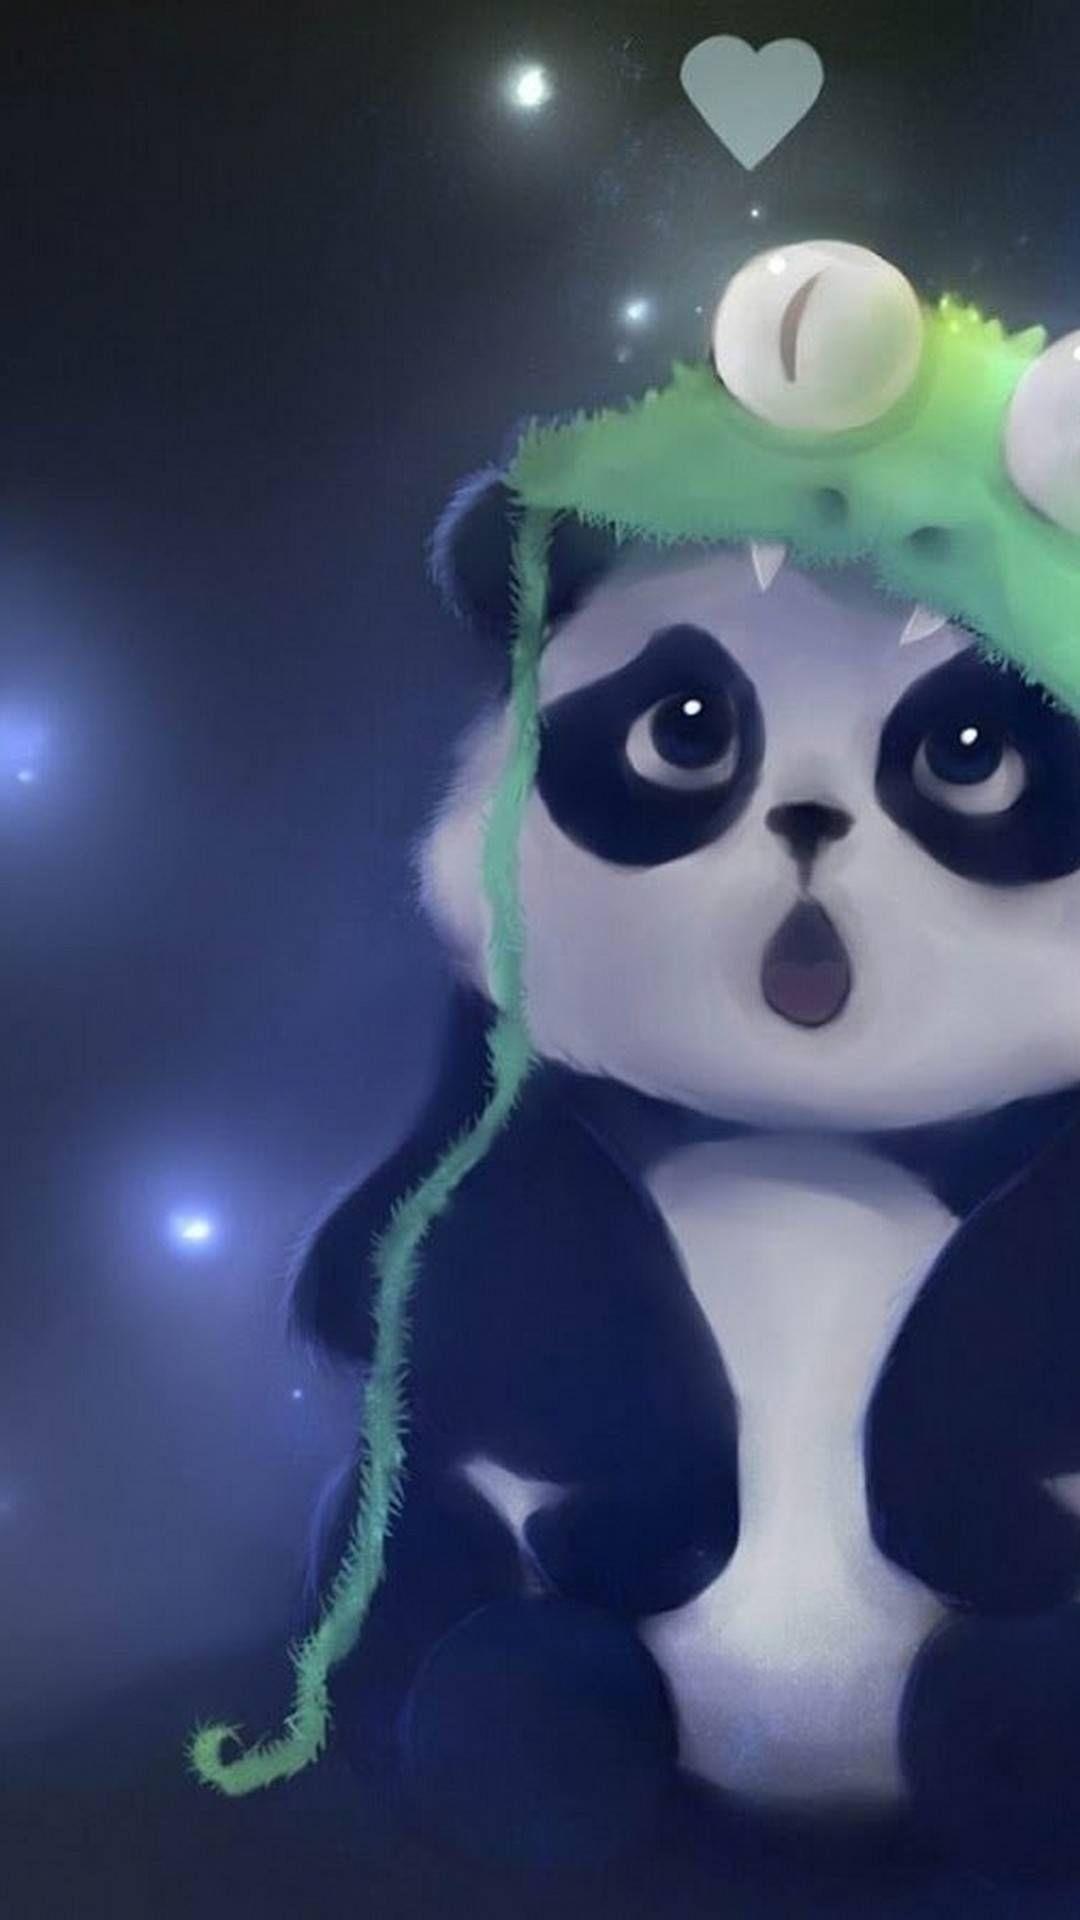 1080x1920, Cute Panda Wallpaper Iphone - Iphone Cute Panda Wallpaper Hd - HD Wallpaper